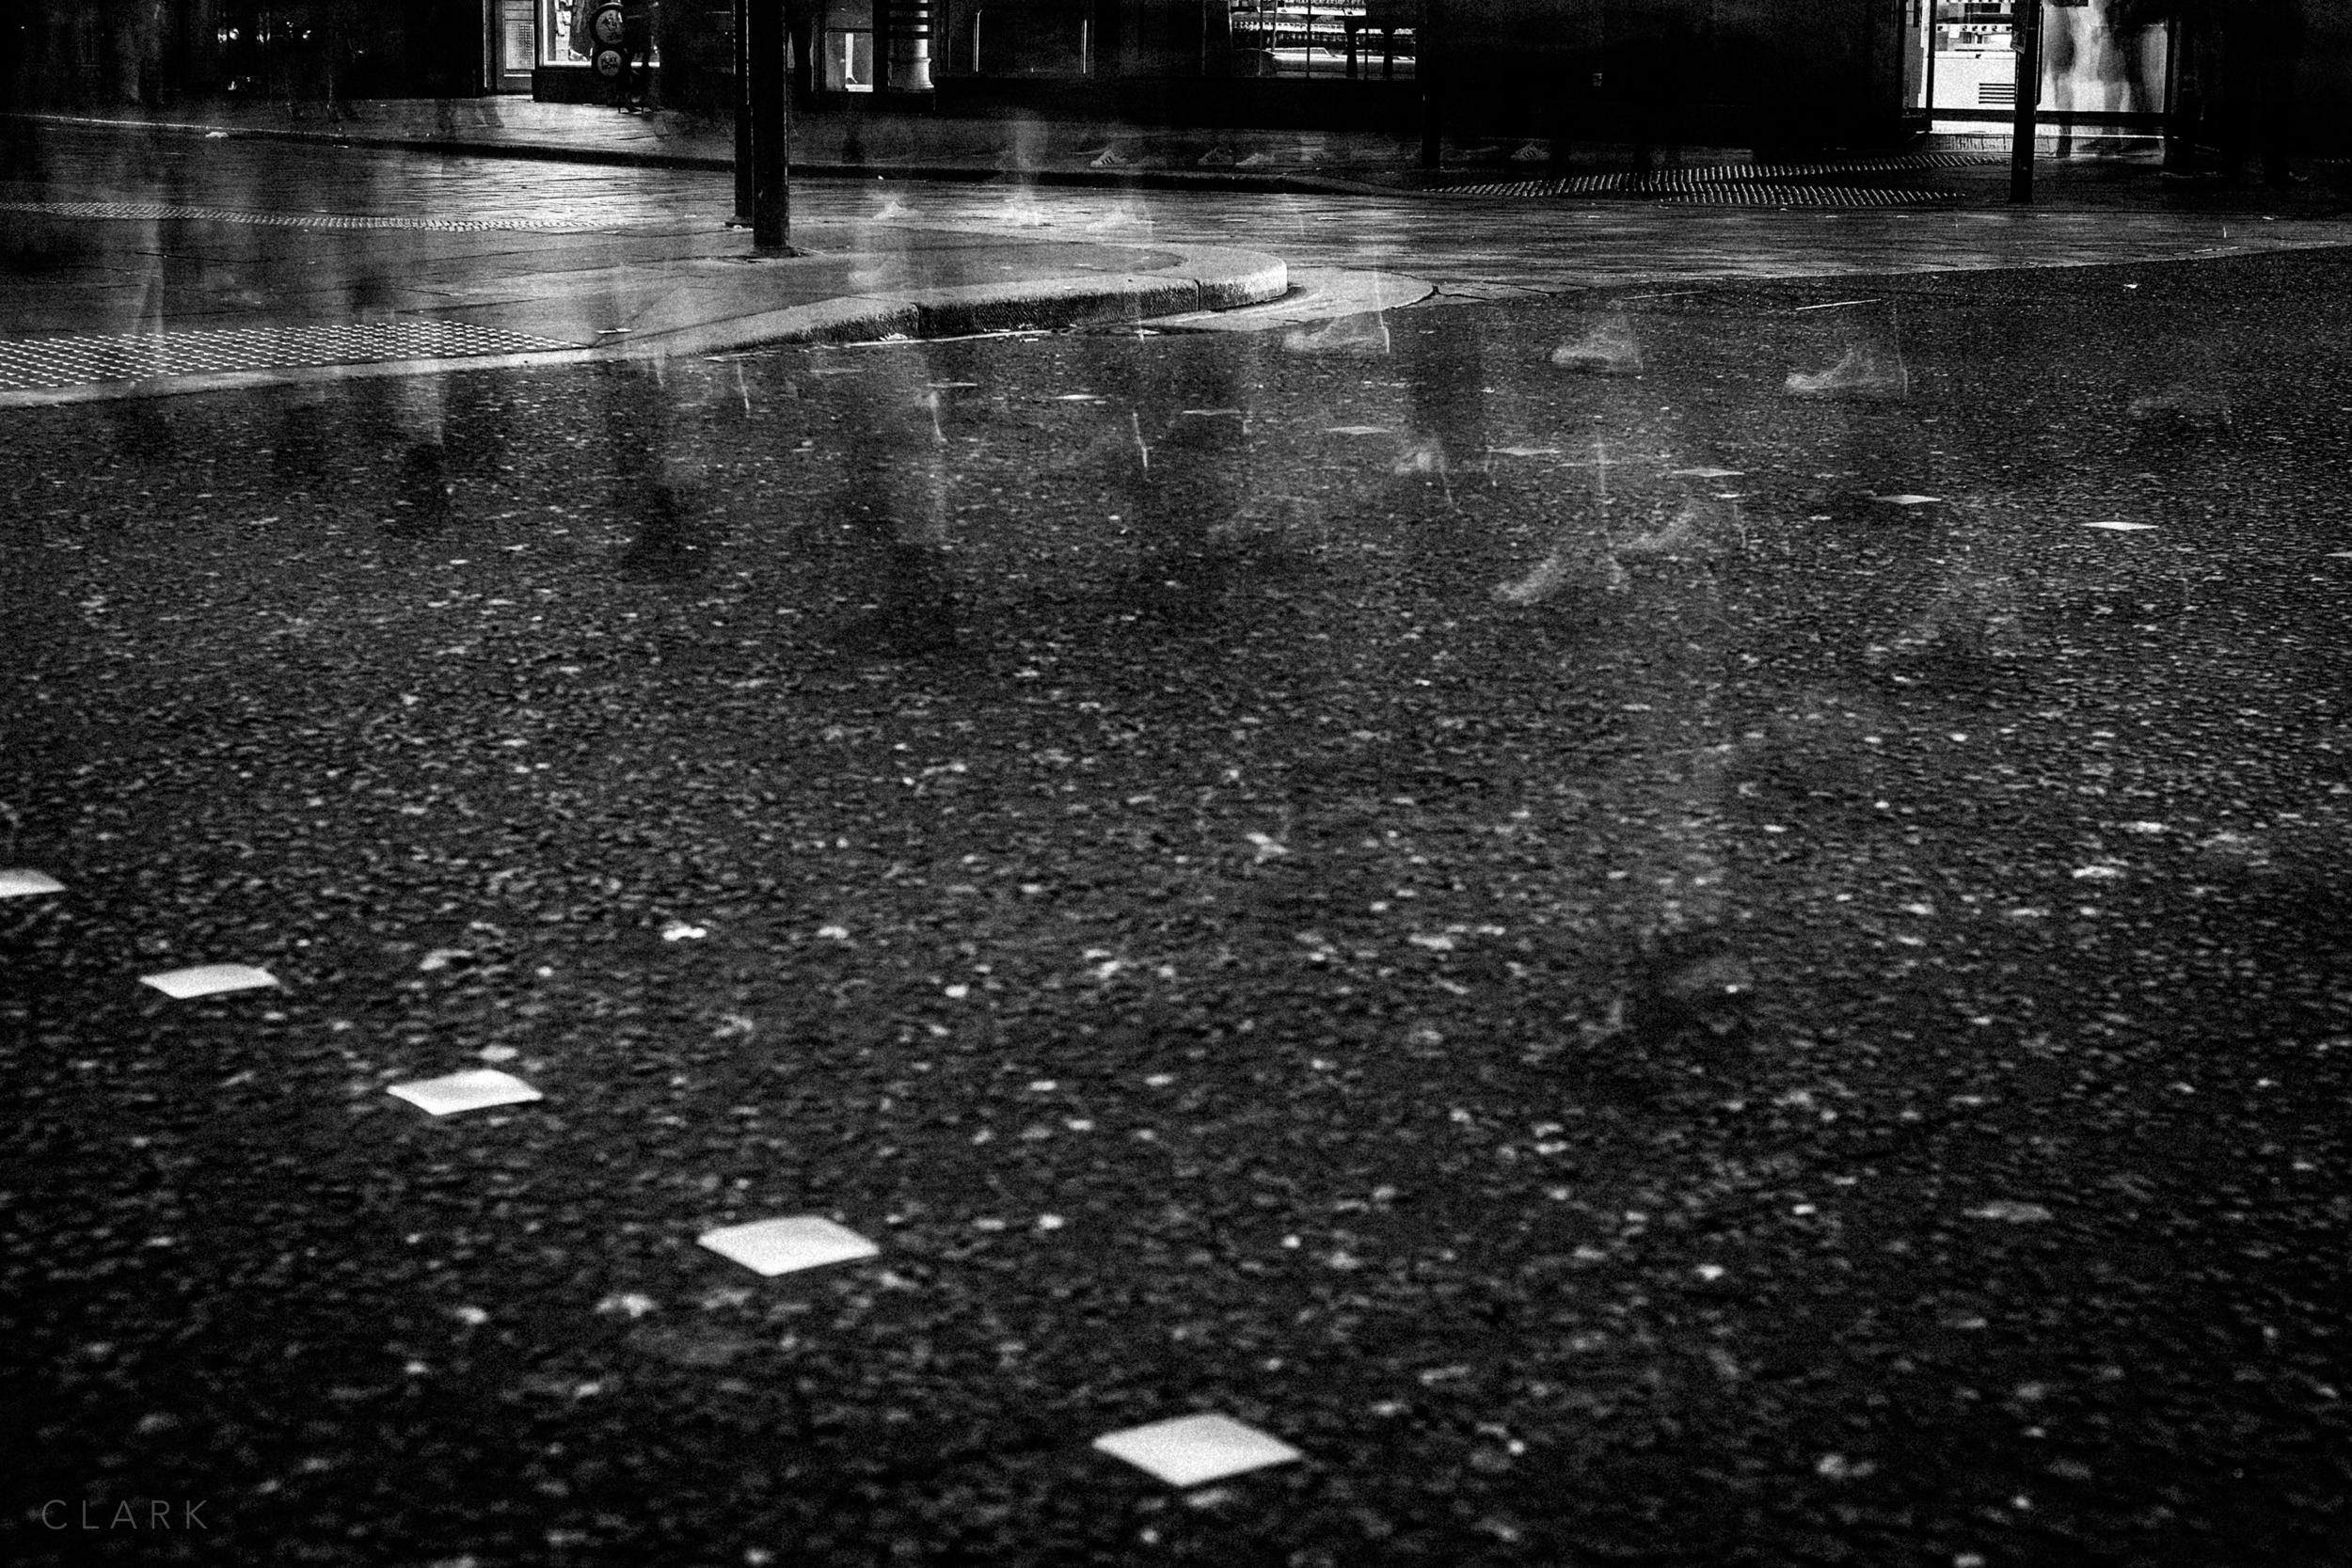 004_DerekClarkPhoto_Dust-To-Dust_Portfolio.jpg